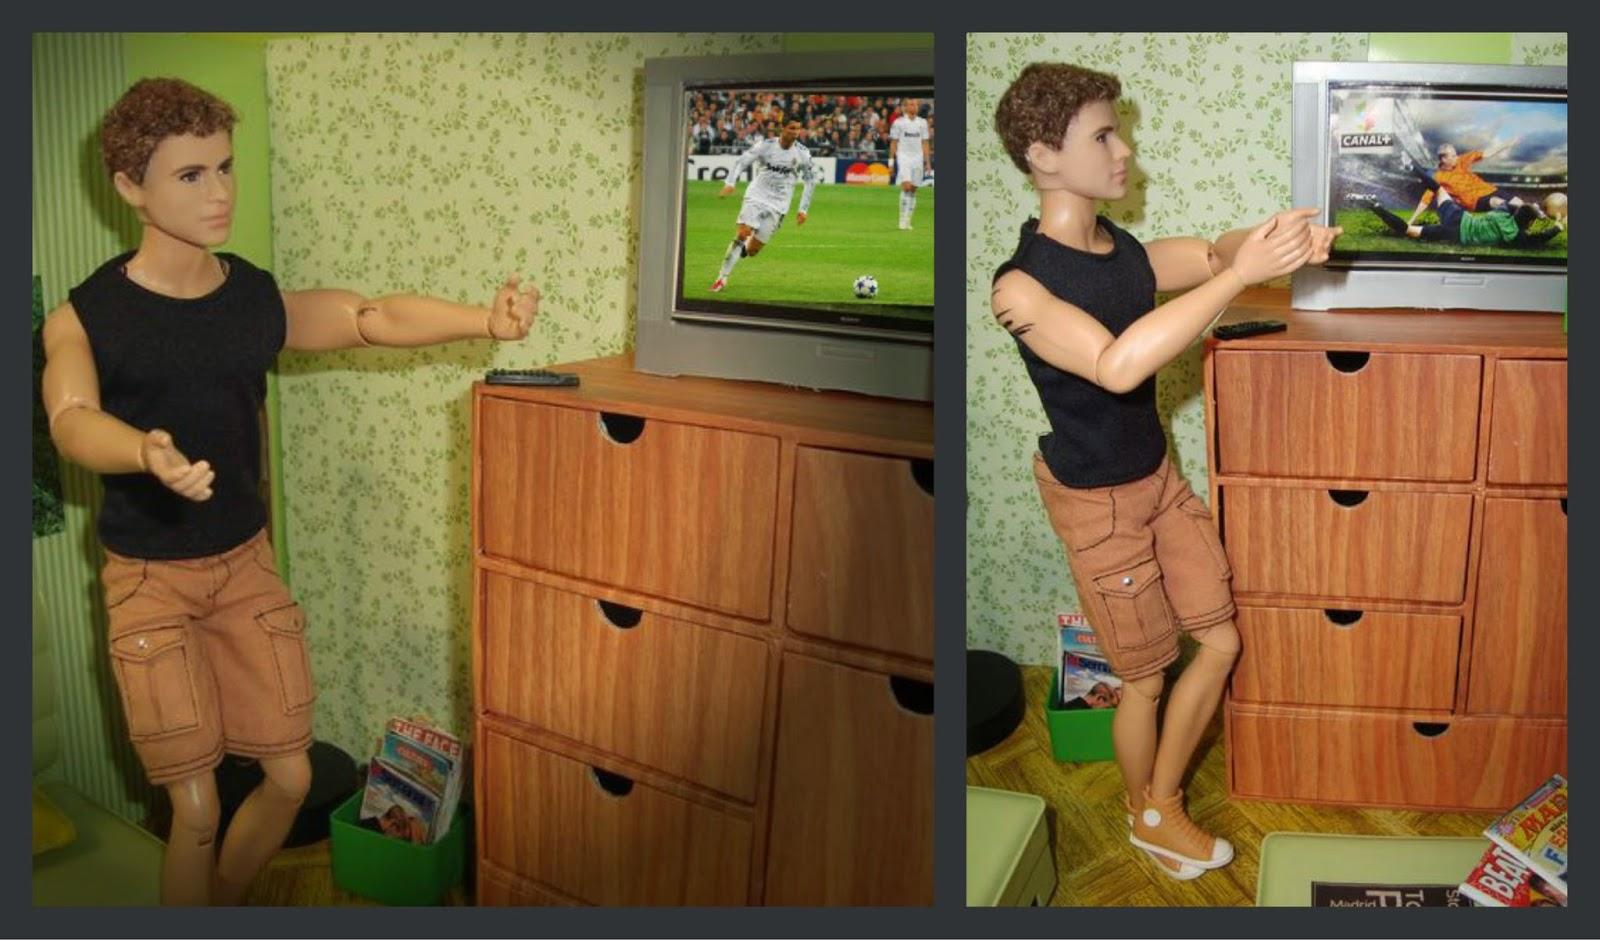 mujeres que les guste el fútbol iDesmotivaciones  - Imagenes De Mujeres Q Les Gusta El Futbol